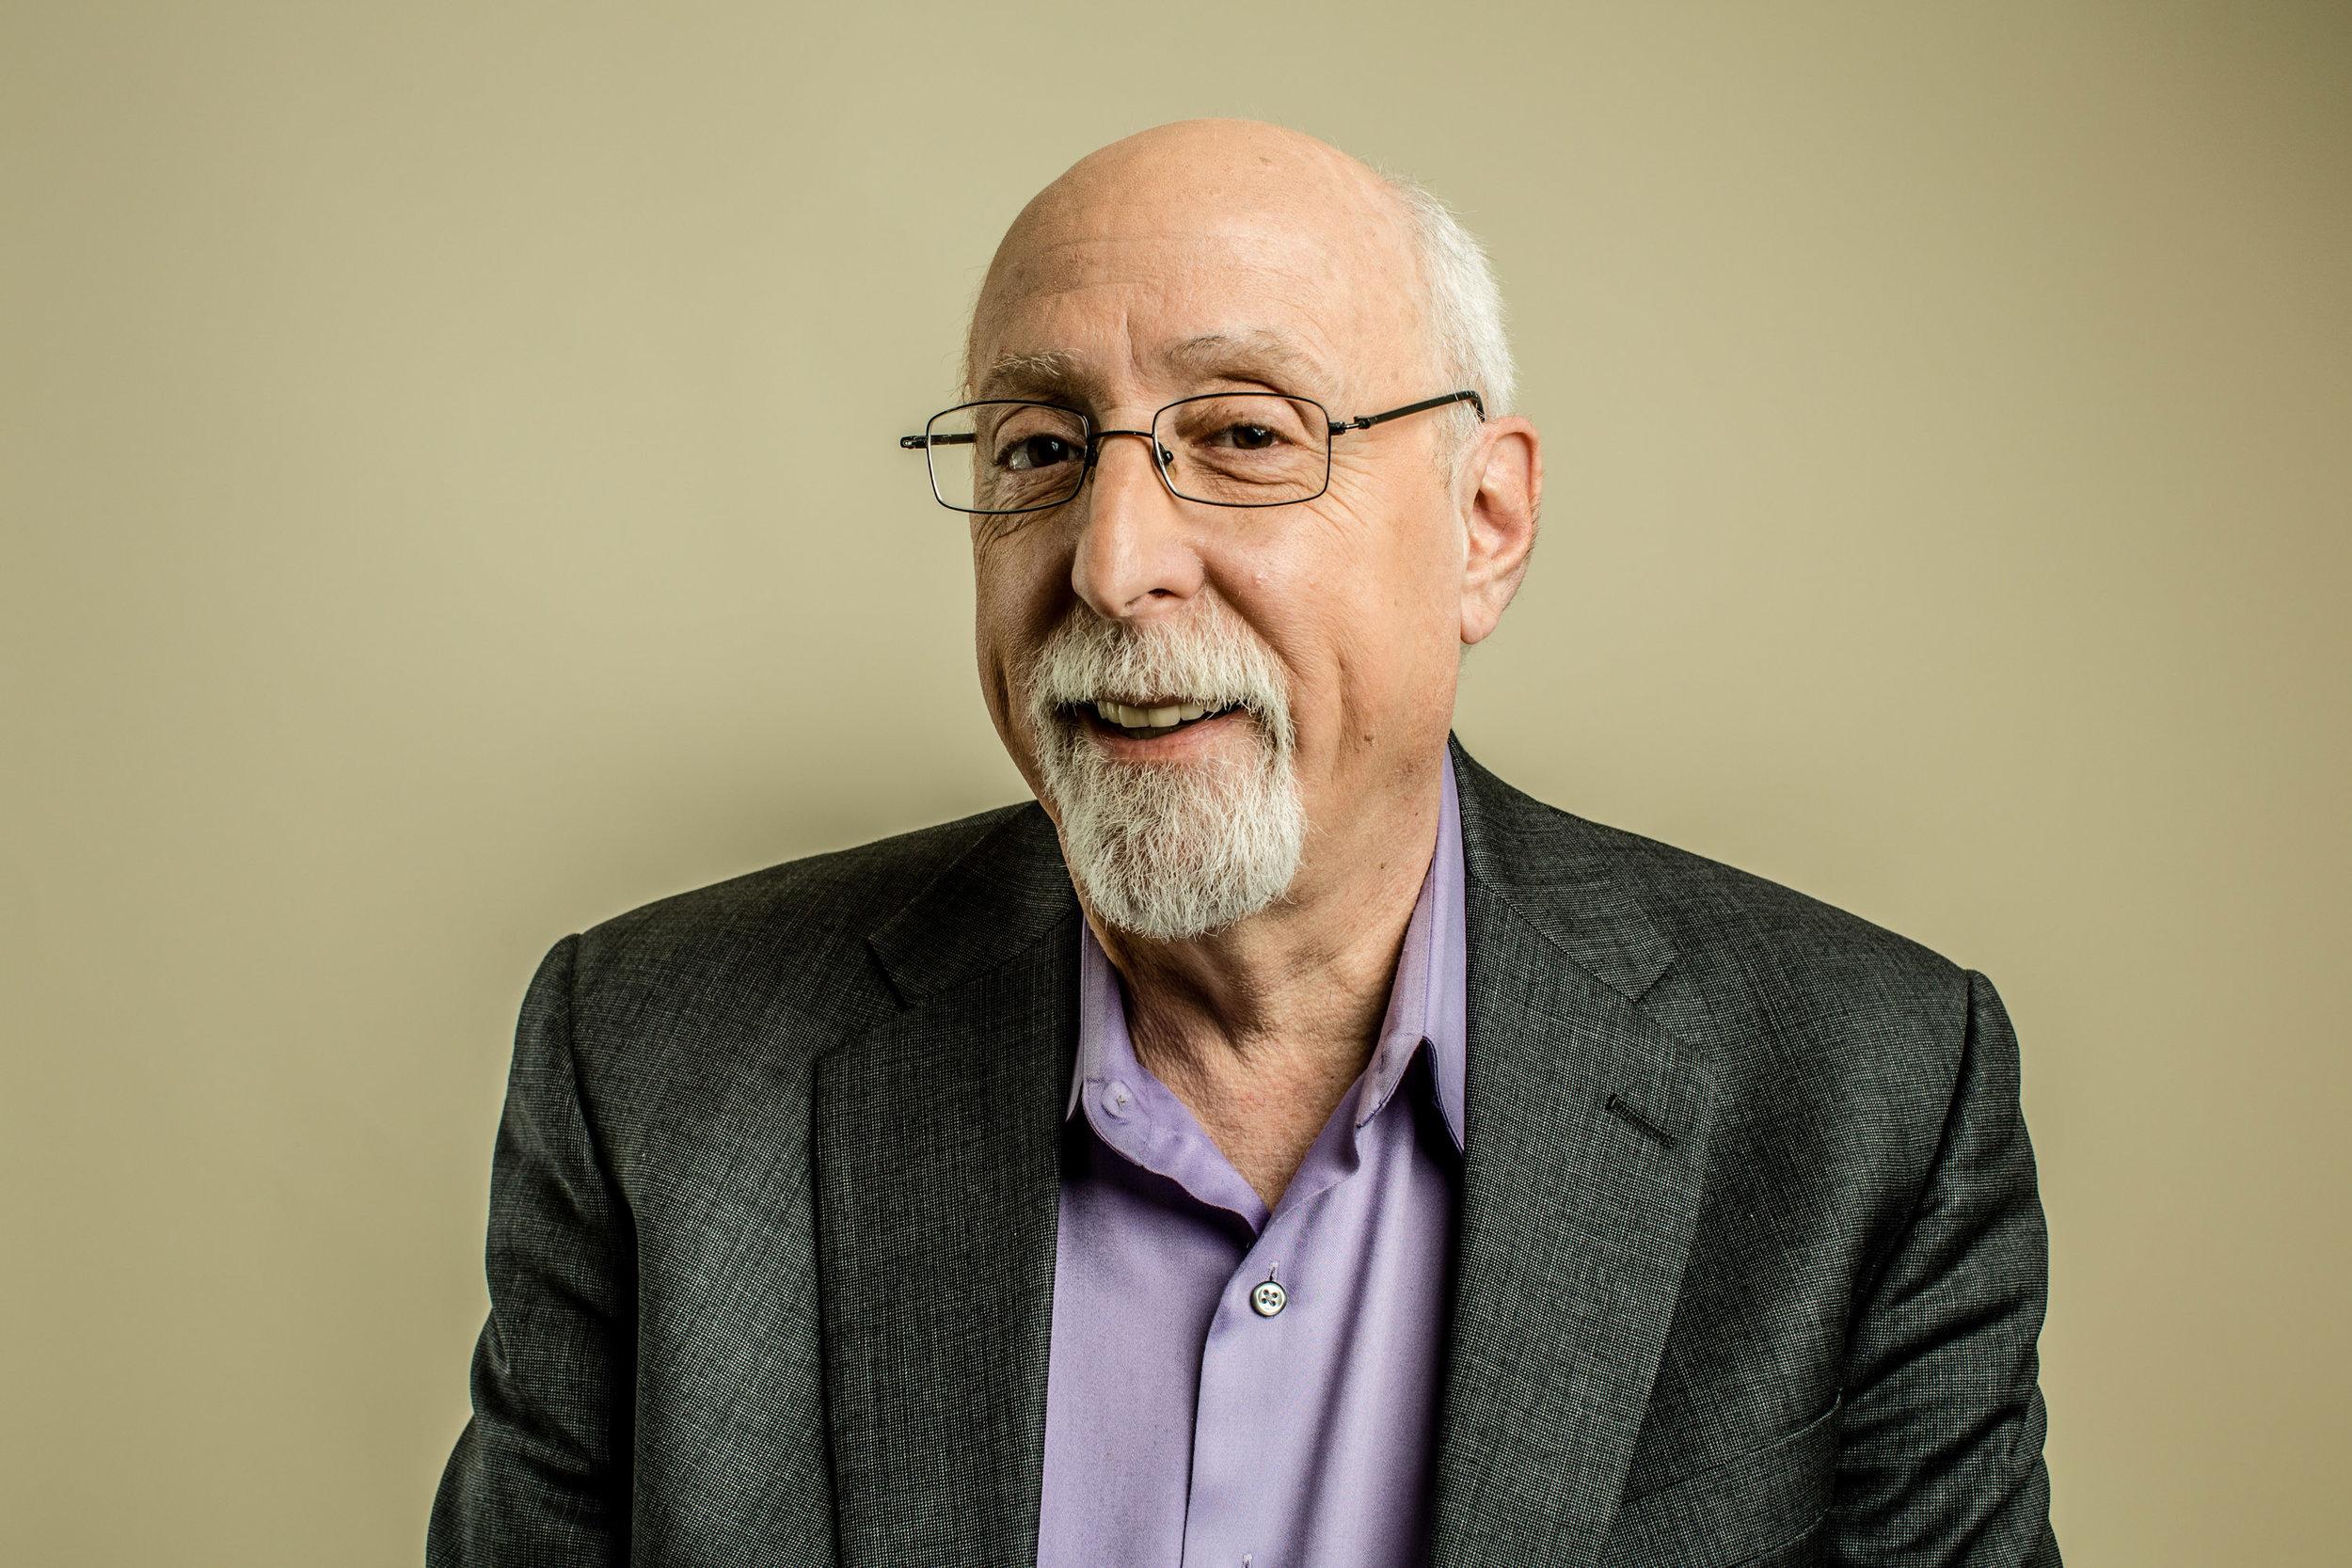 Tech journalist Walt Mossberg